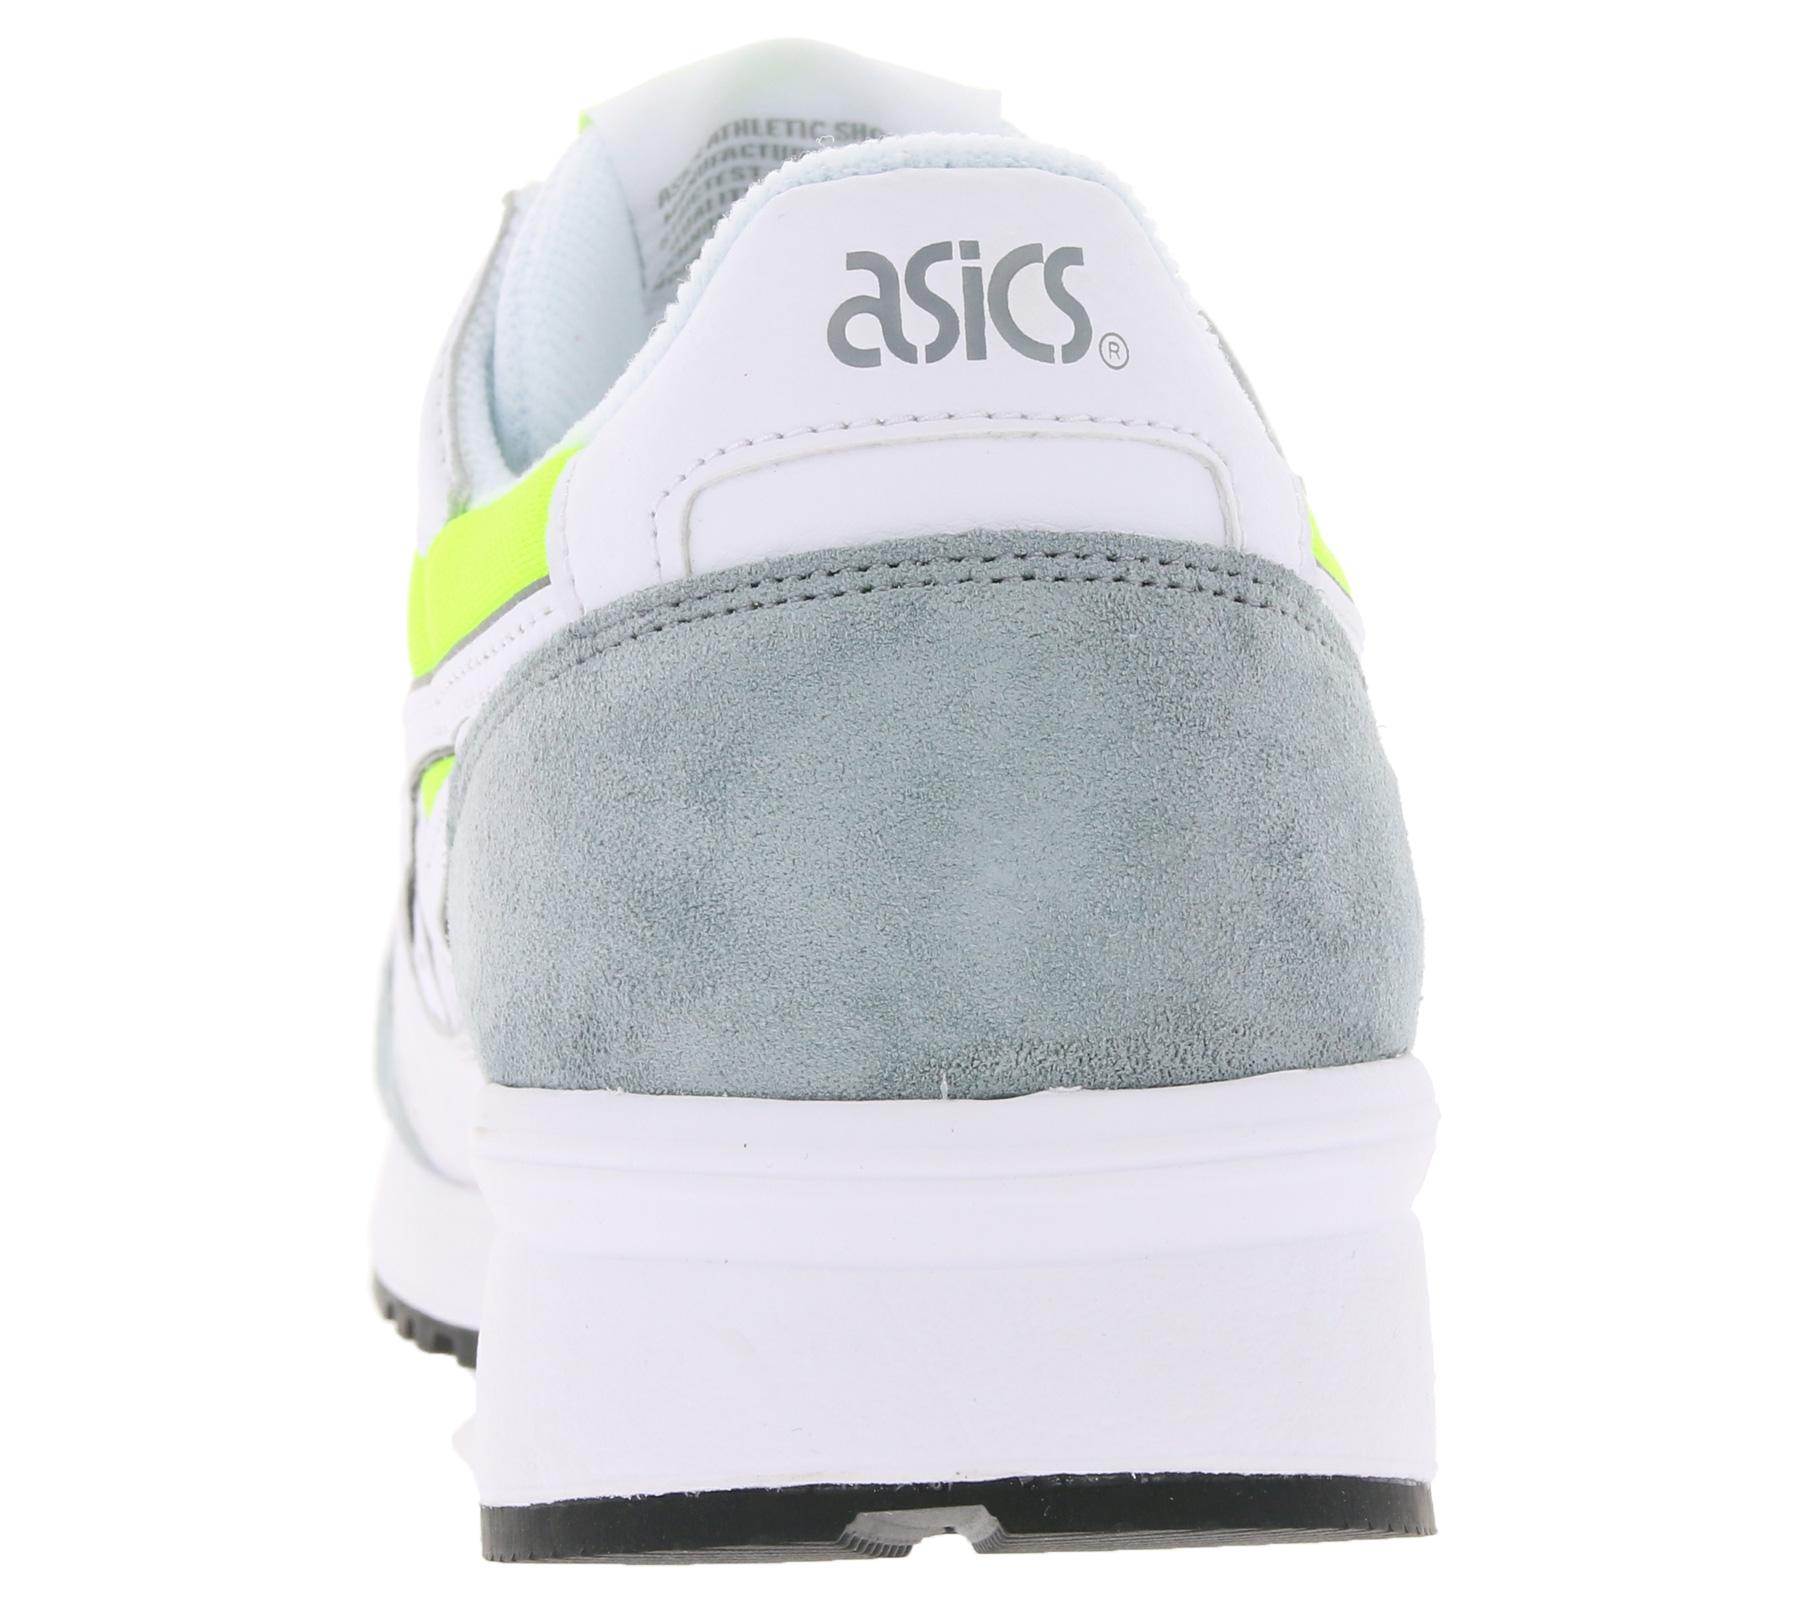 Suchergebnis auf für: ASICS Hose grau: Sport